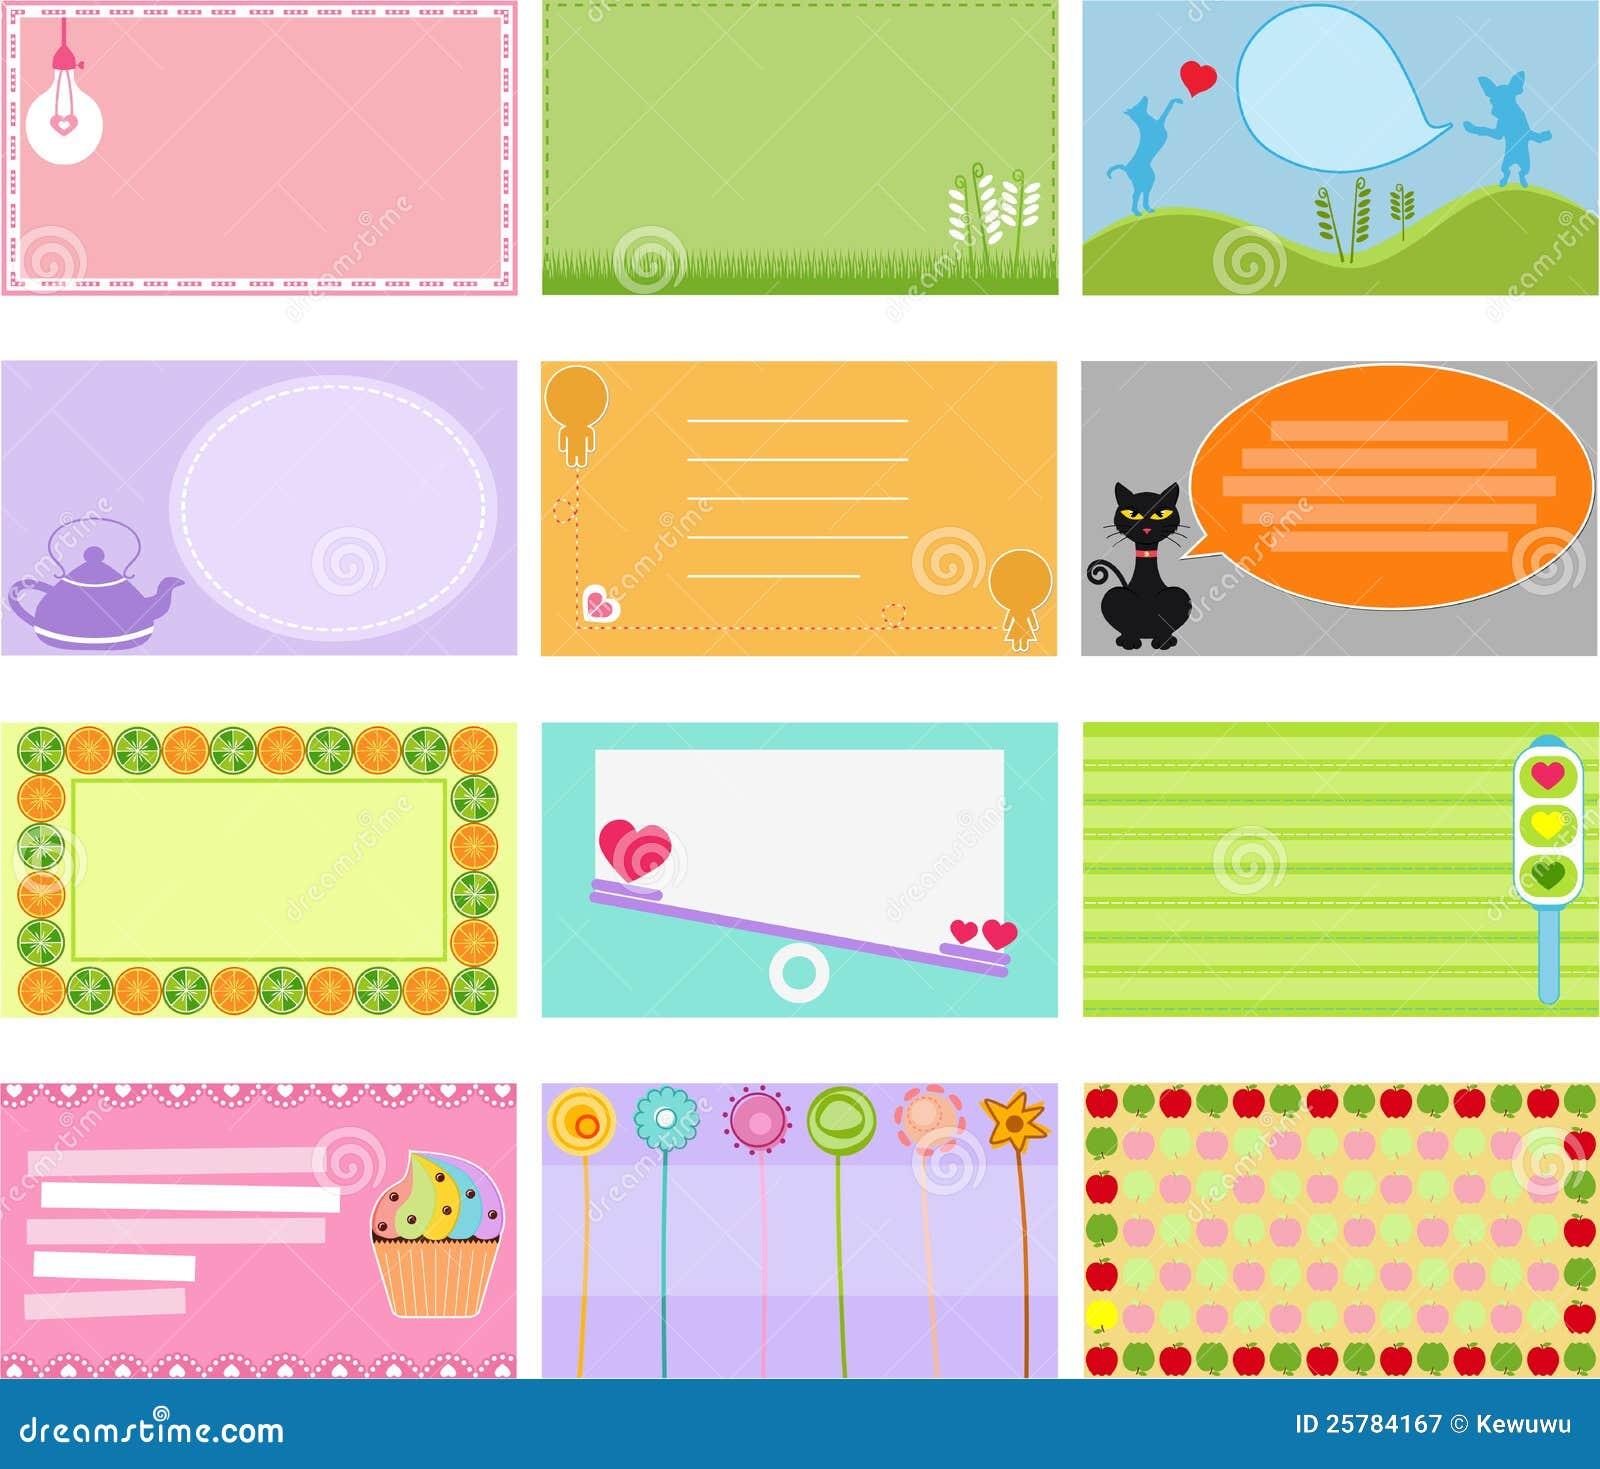 Graphic Design Art Student Label Design